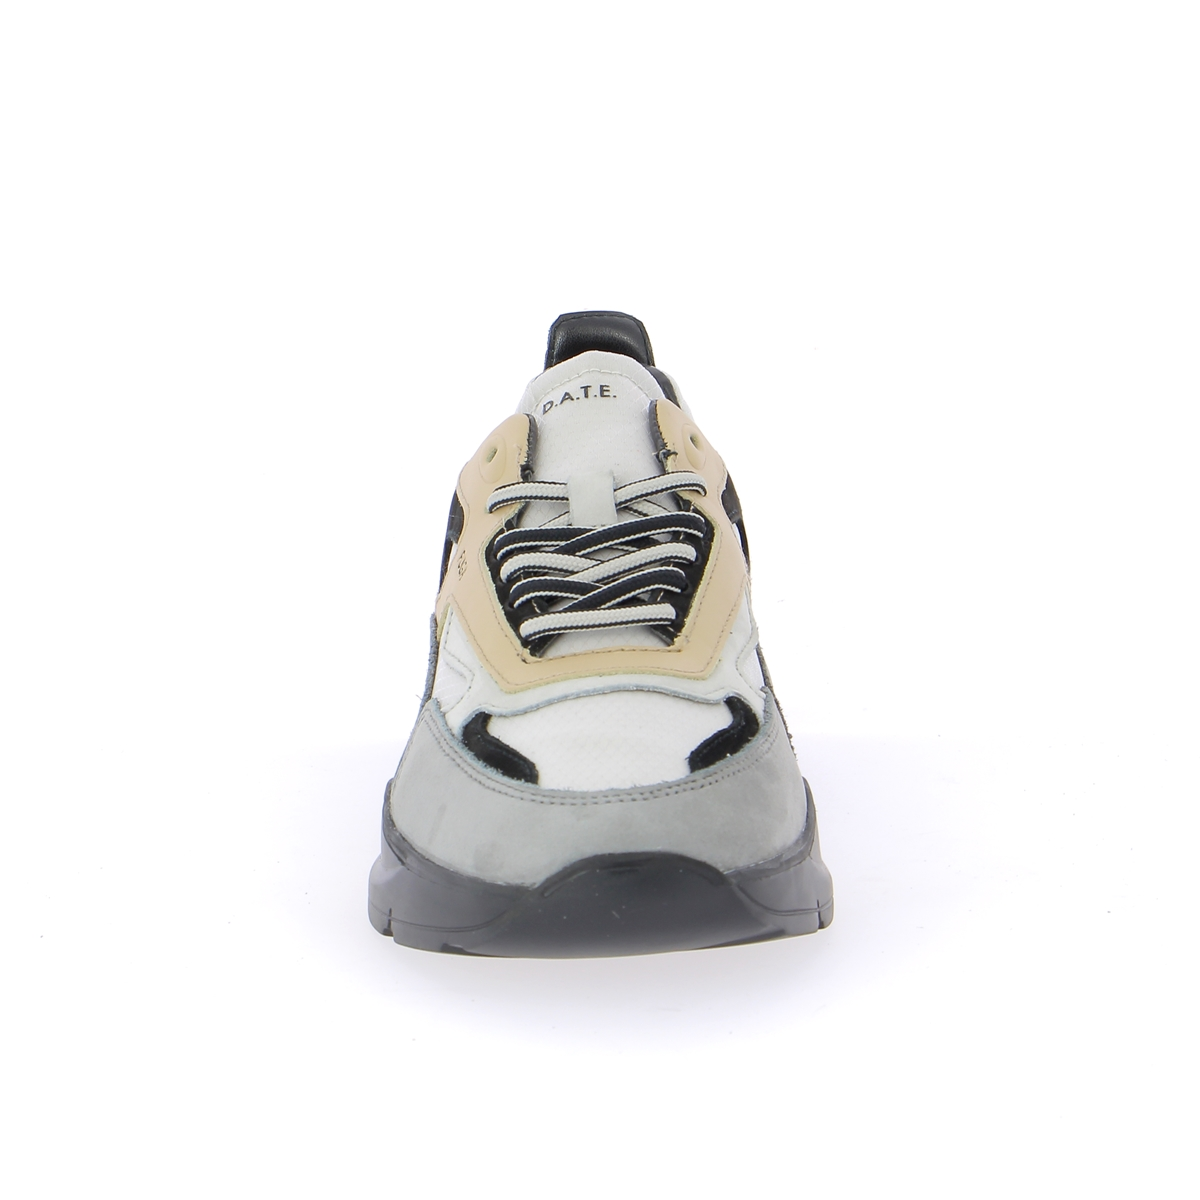 D.a.t.e. Sneakers grijs